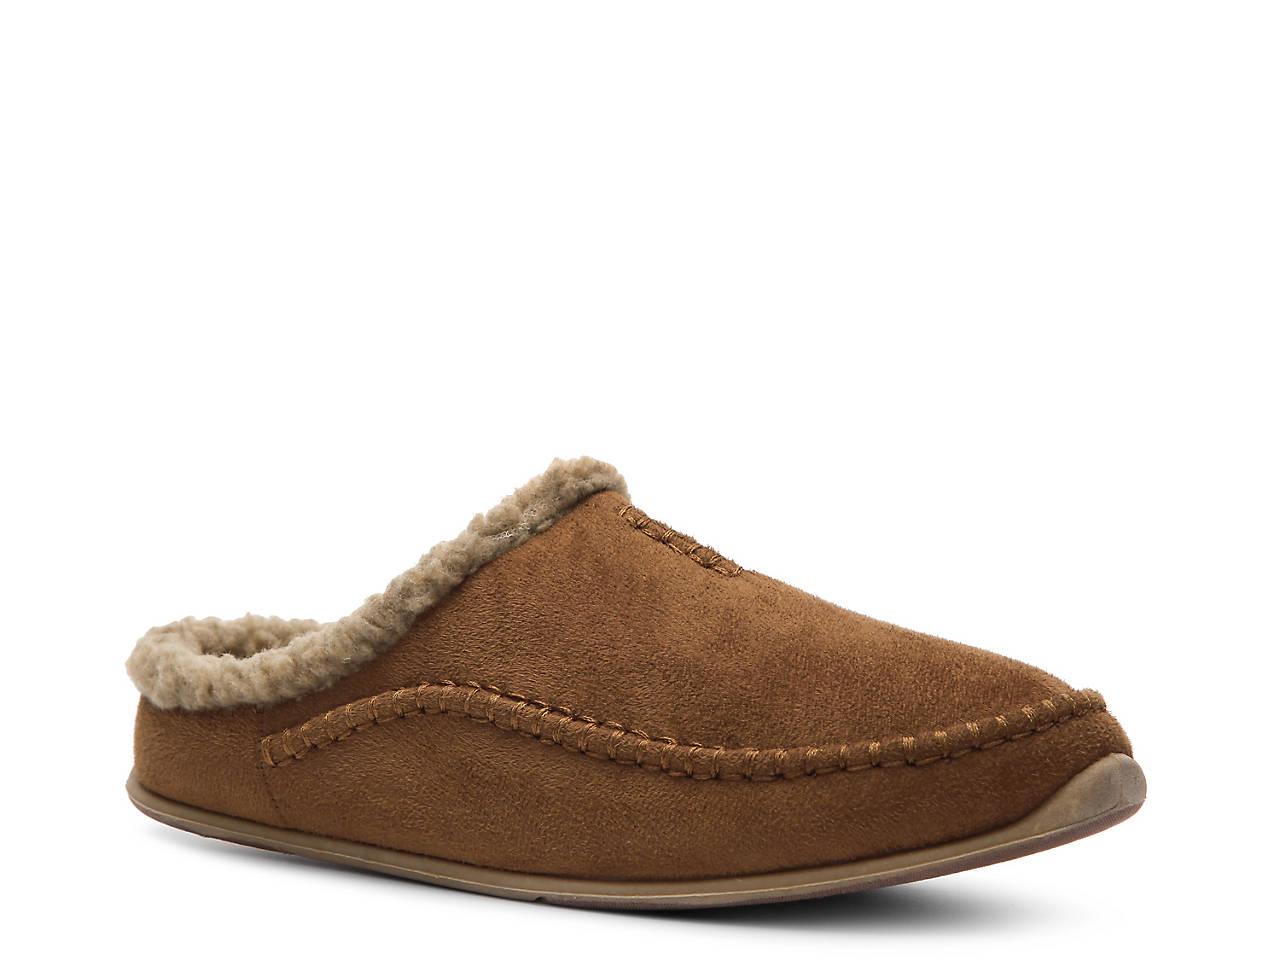 2a3673701e3eae Deer Stags Slipperooz Nordic Slipper Men s Shoes